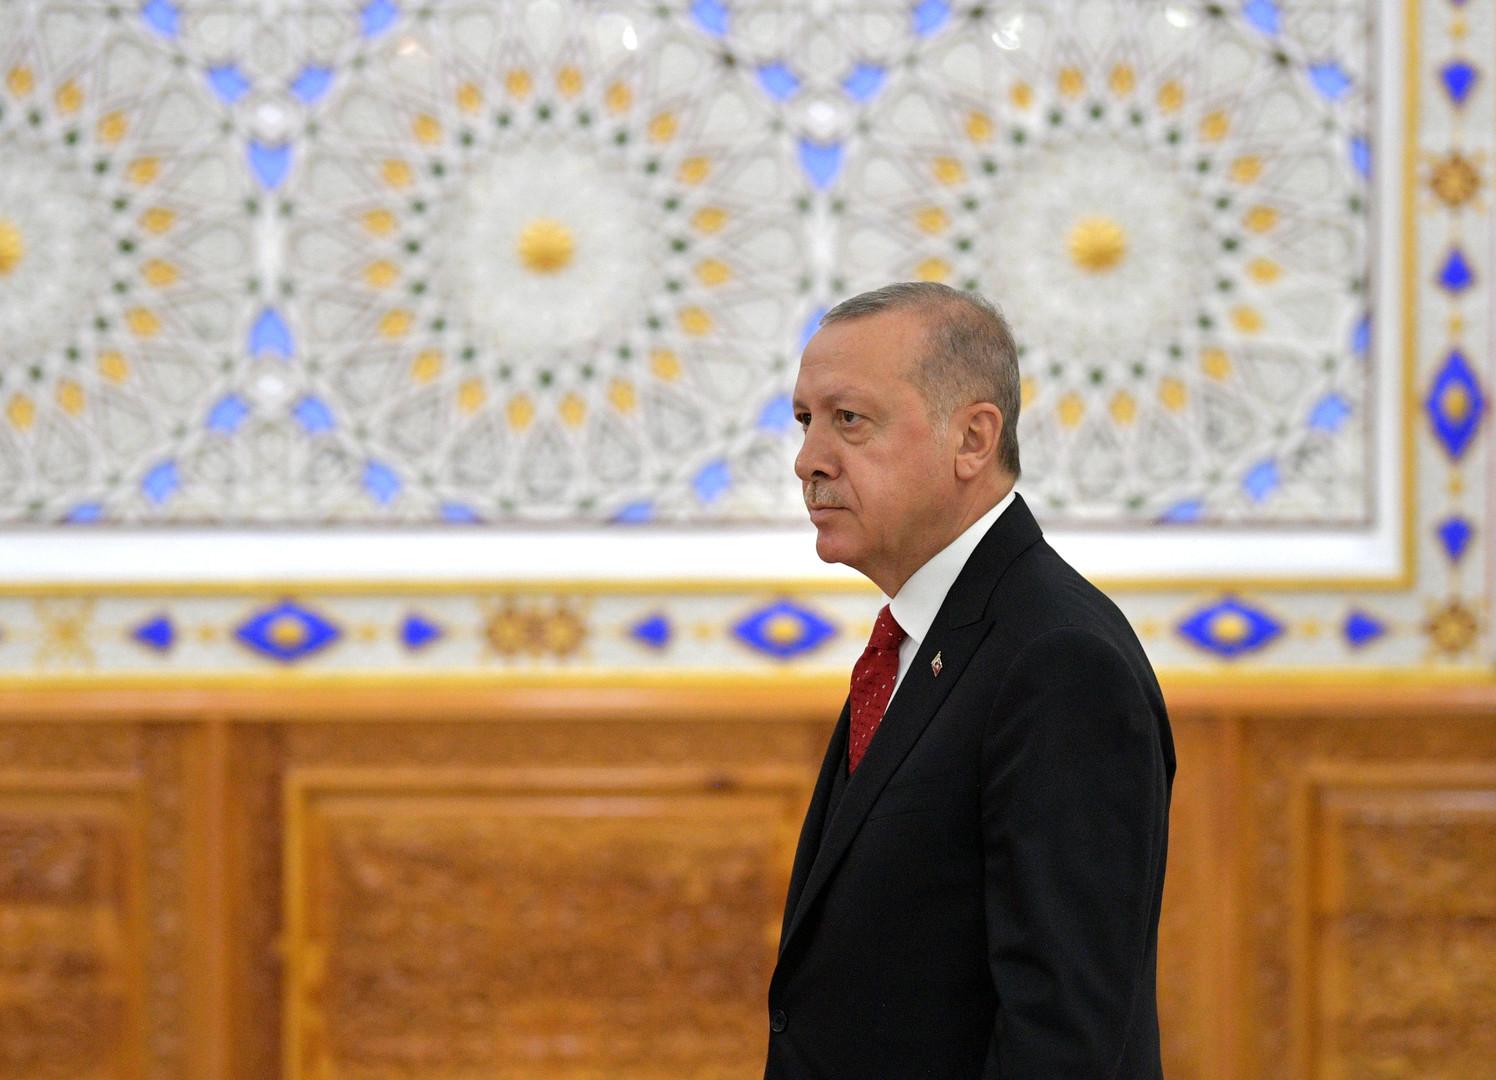 الرئيس التركي رجب طيب أردوغان، دوشنبه، طاجيكستان، 15 يونيو 2019